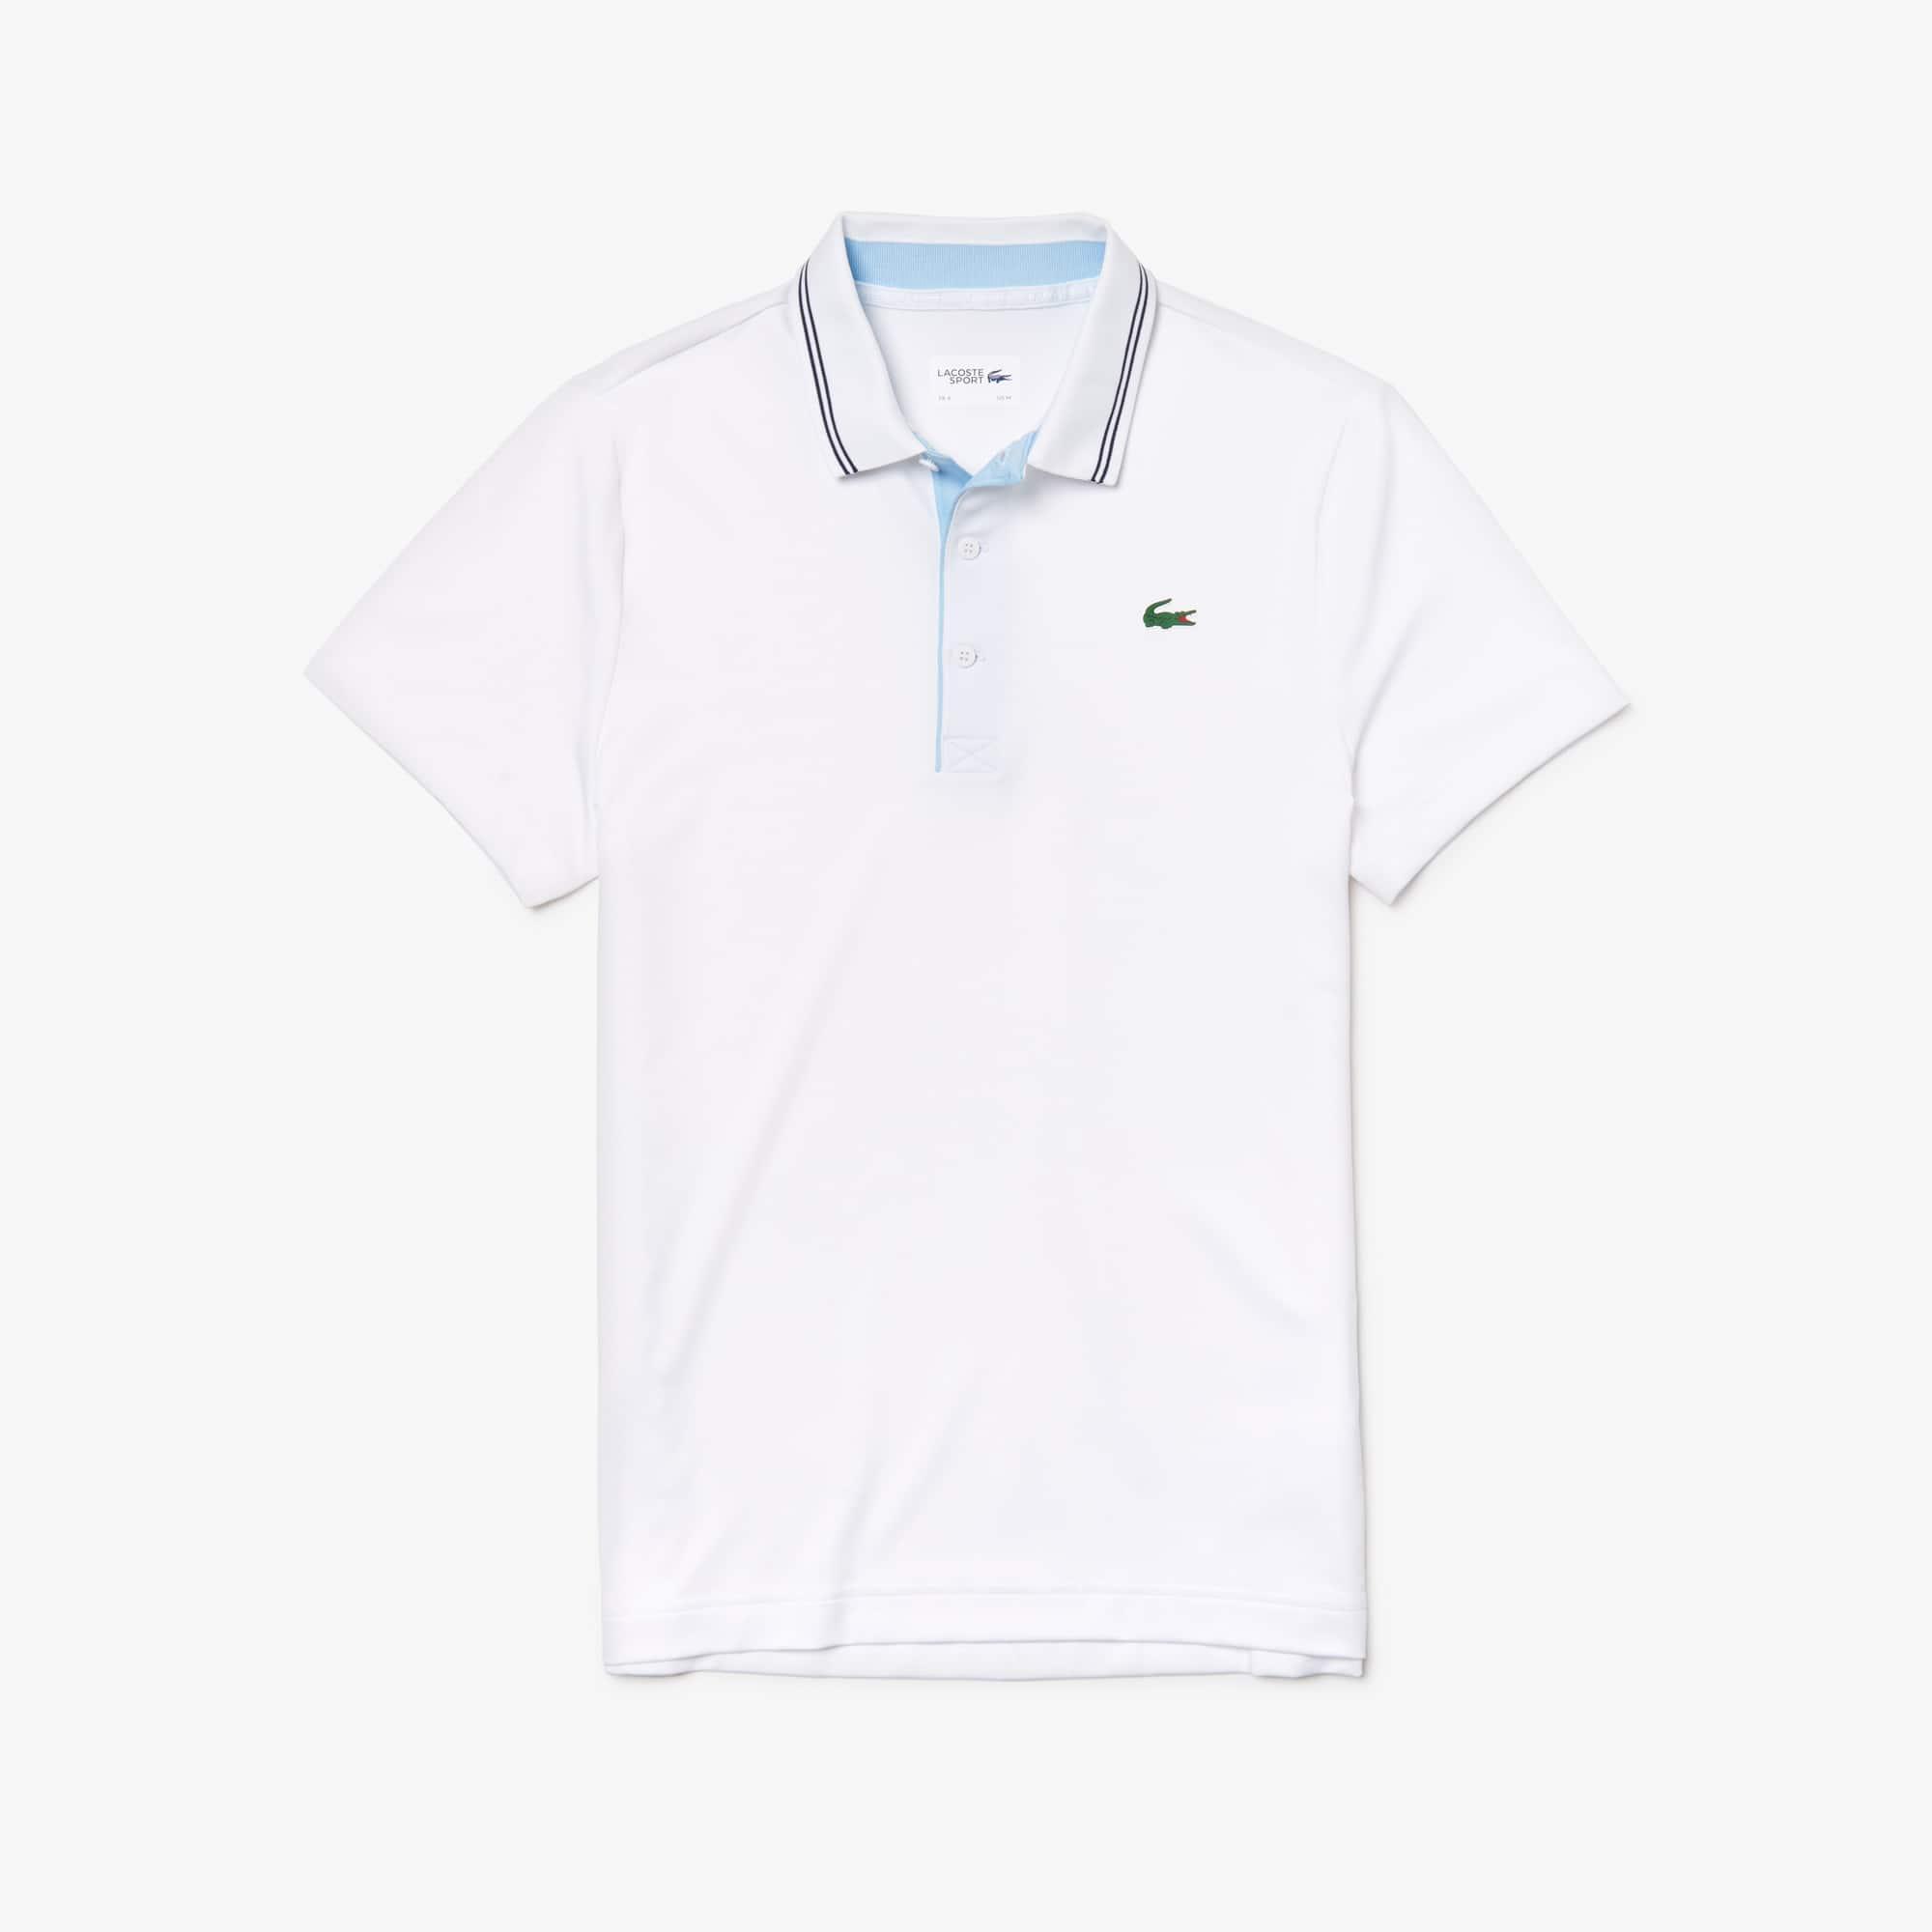 buy online e54a7 60066 Herren LACOSTE SPORT Stretch Golf-Poloshirt mit Schriftzug